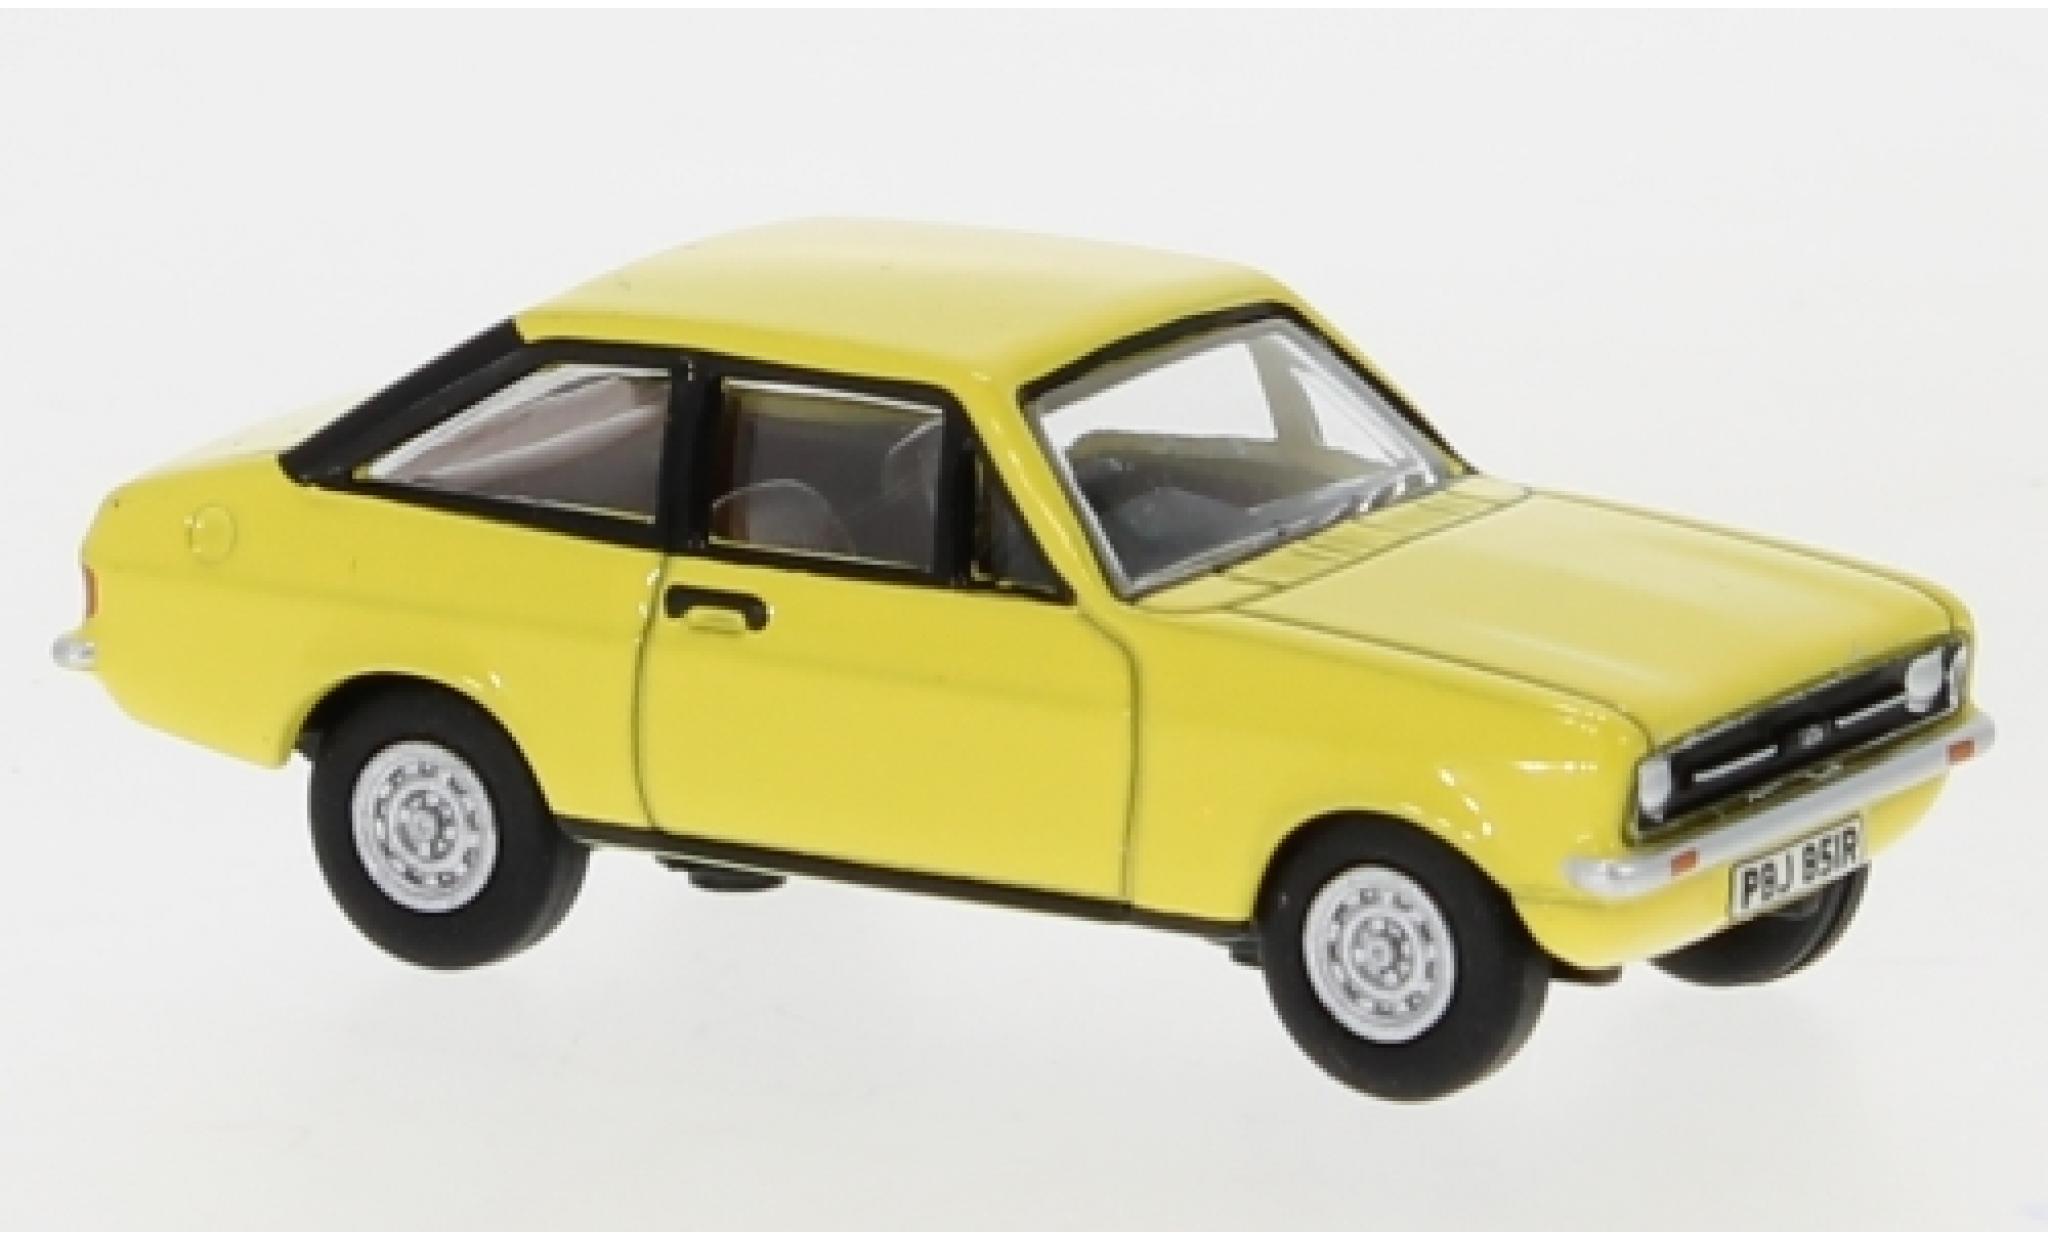 Ford Escort 1/76 Oxford Mk2 jaune RHD